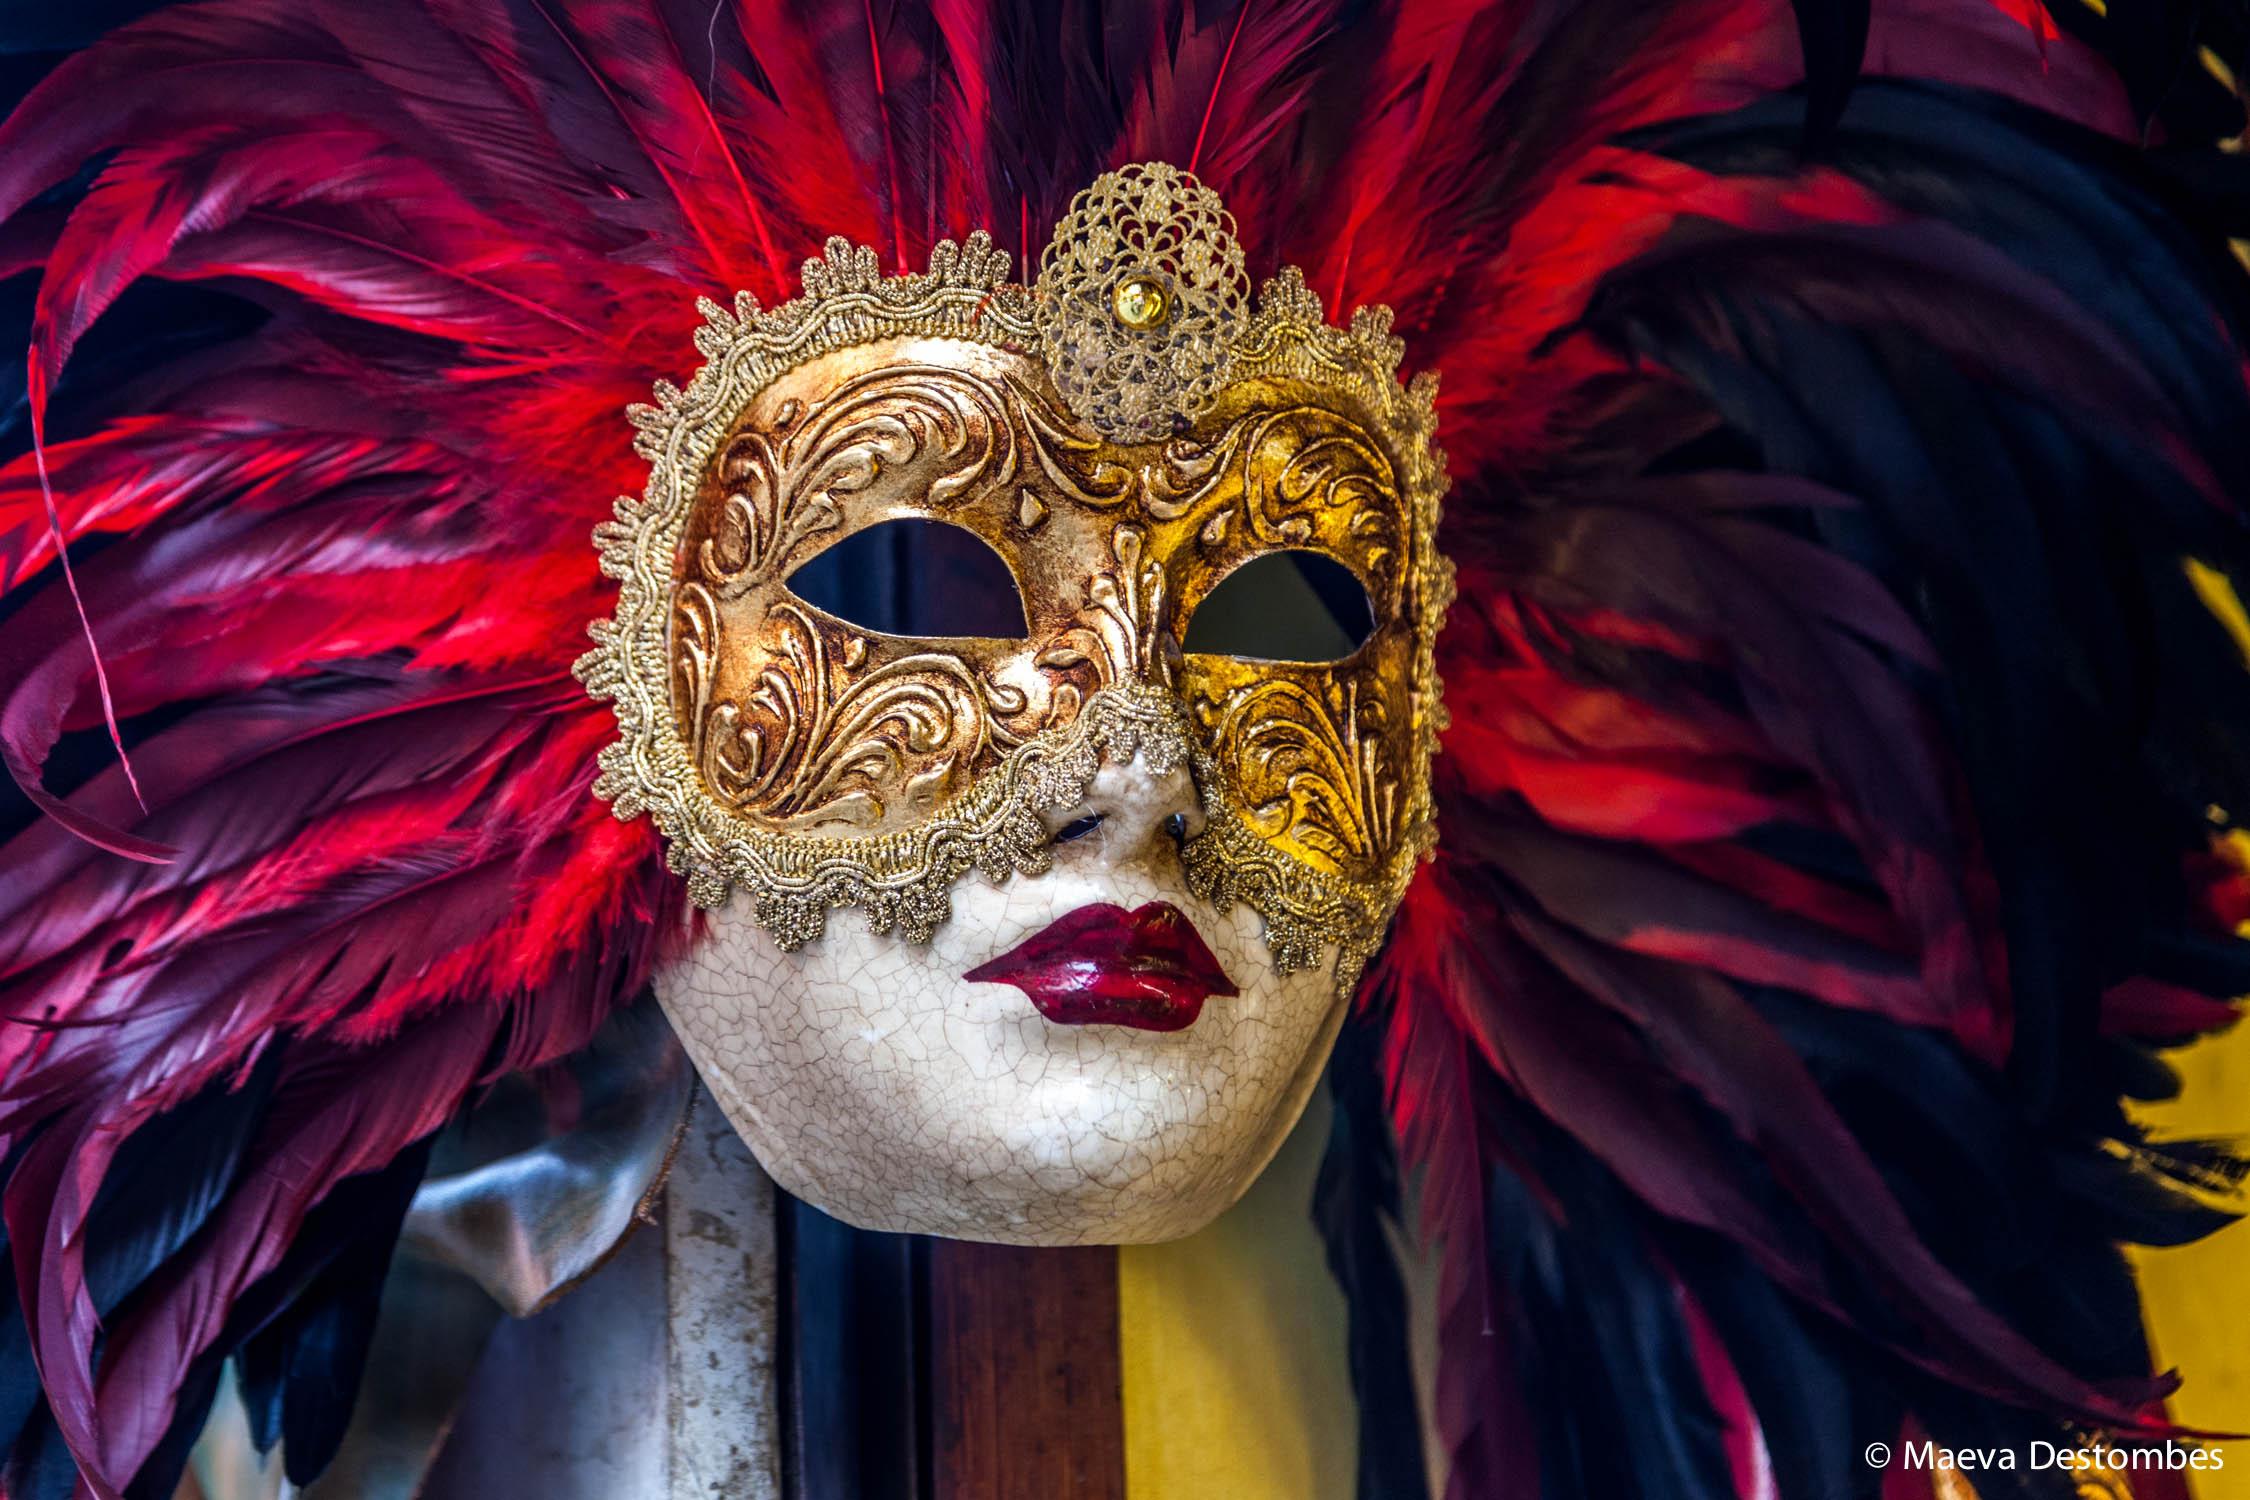 Un masque à plumes au carnaval de Venise